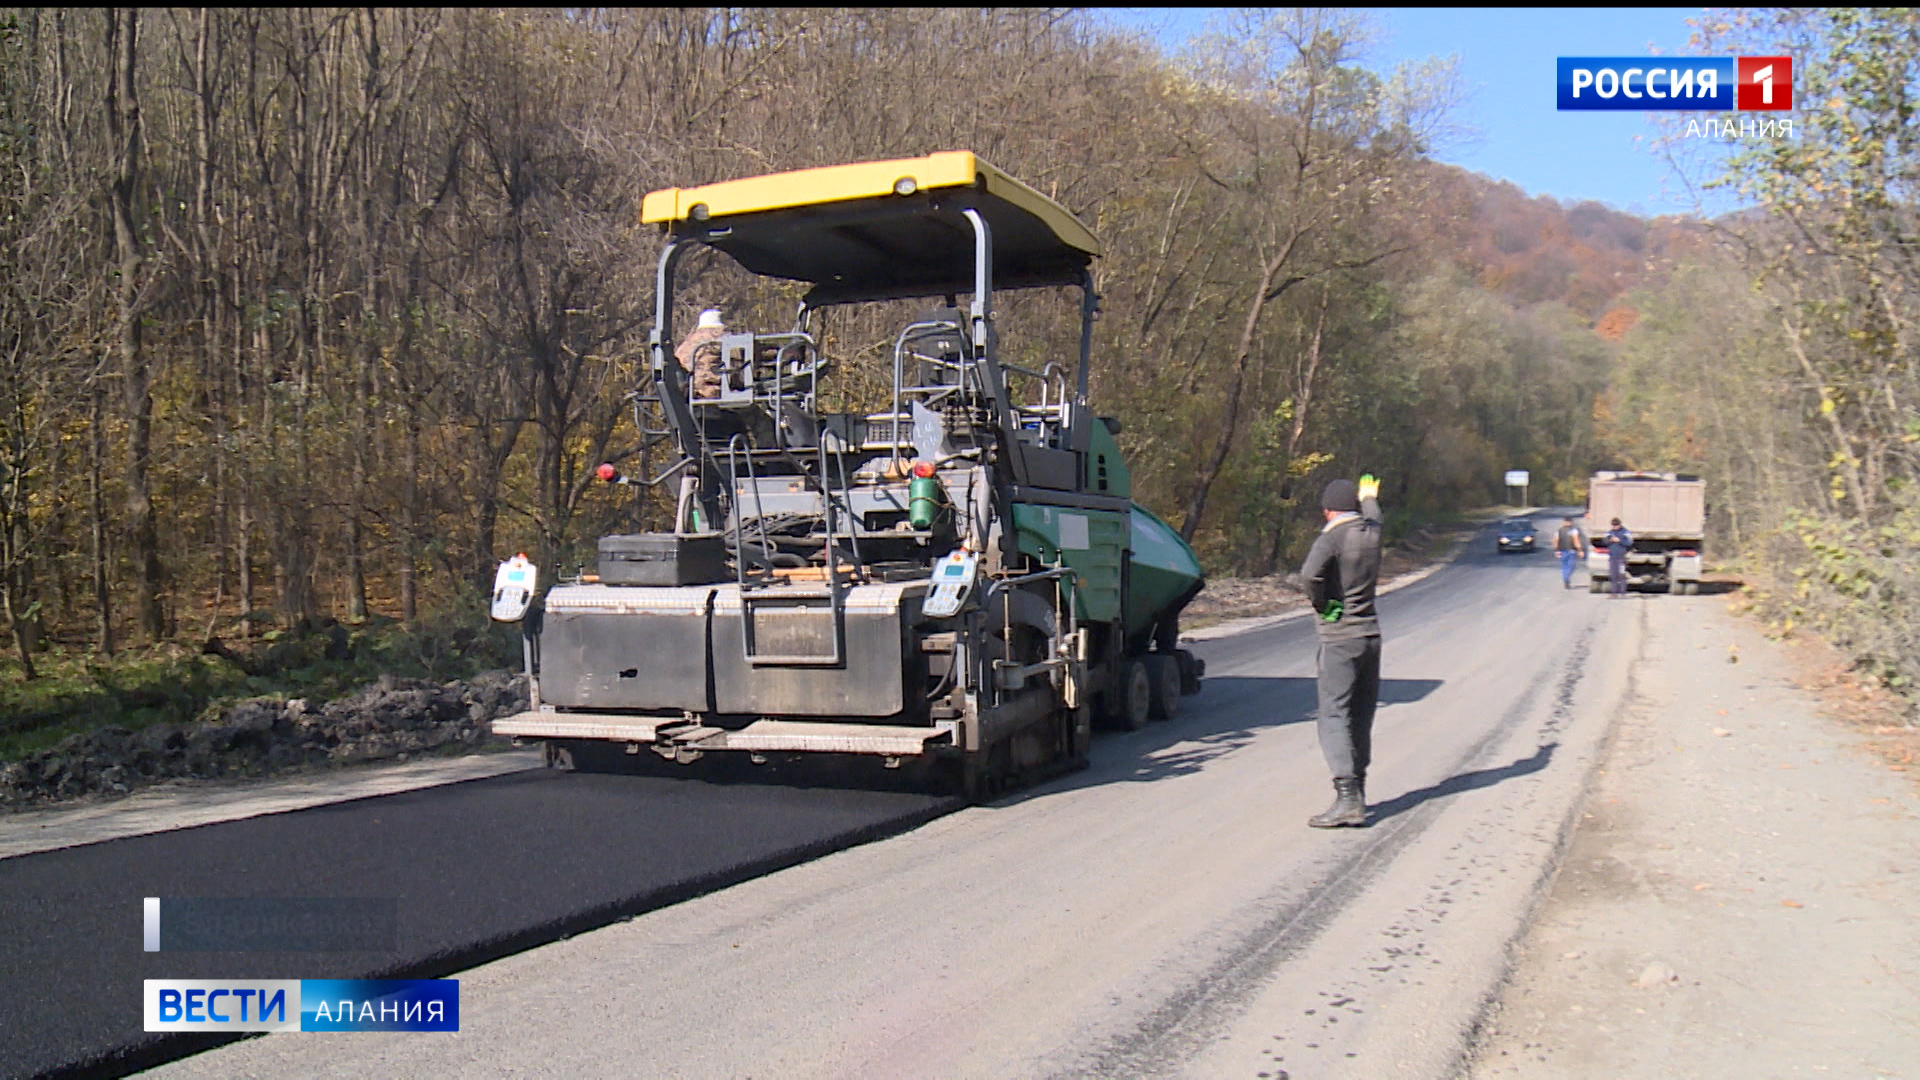 В Северной Осетии в 2020 году отремонтировано 96 км дорог в рамках нацпроекта «Безопасные и качественные автомобильные дороги»